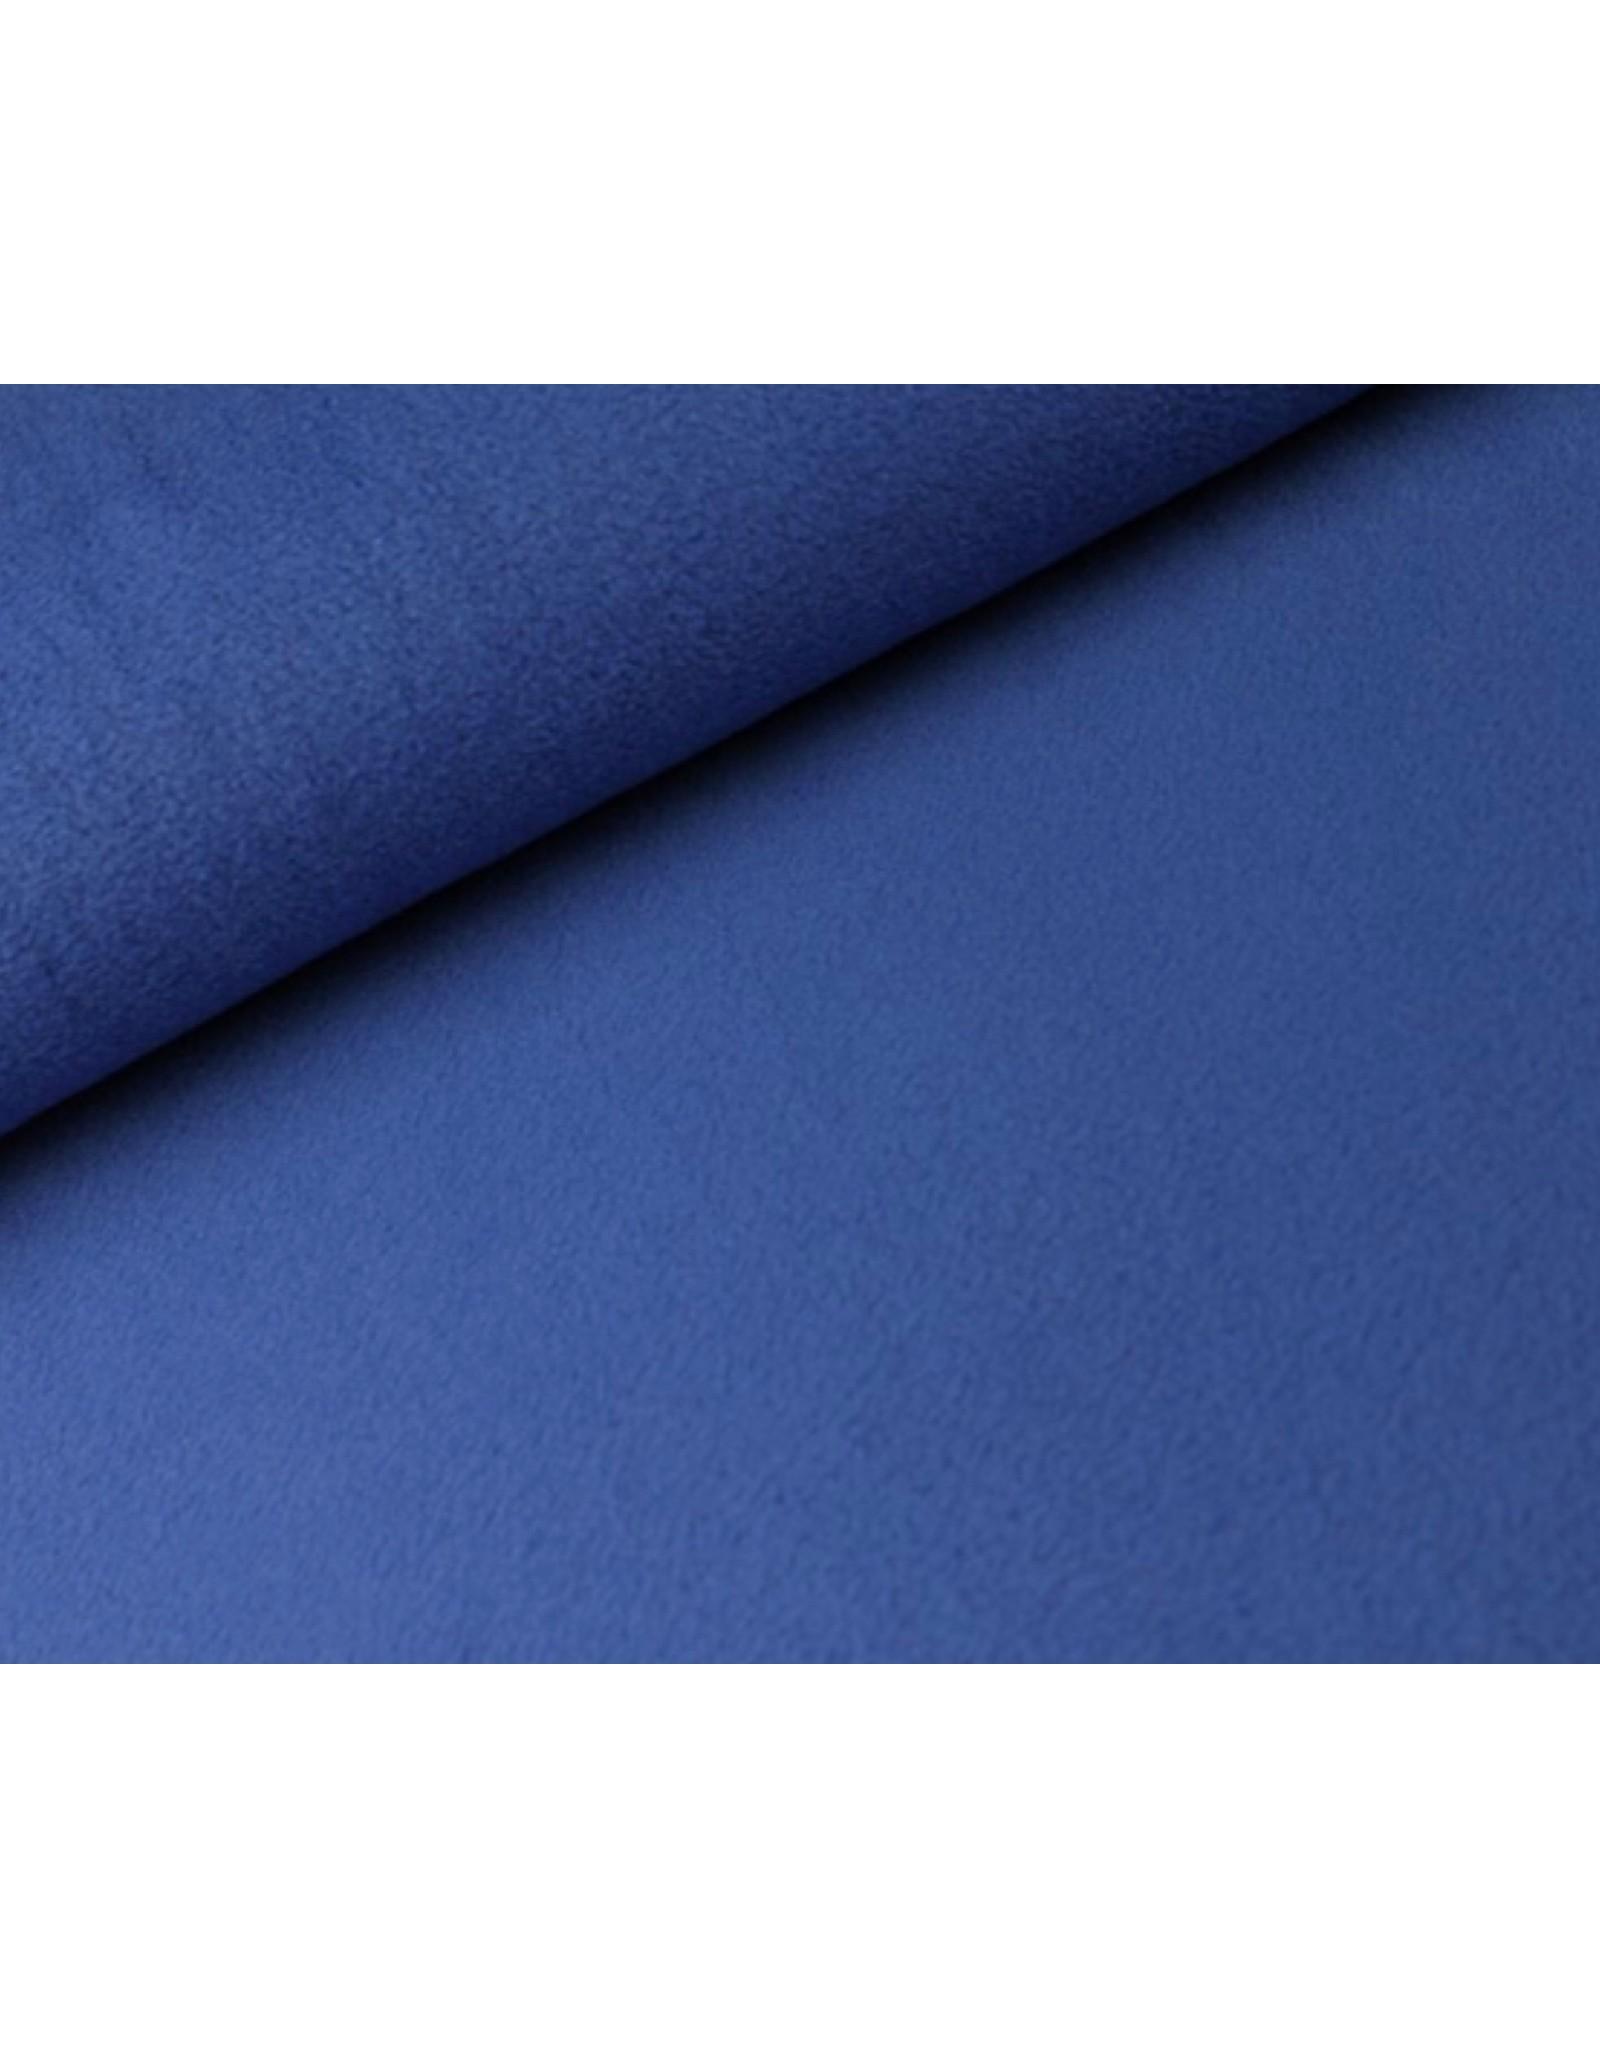 Polar Fleece stoff Kobalt